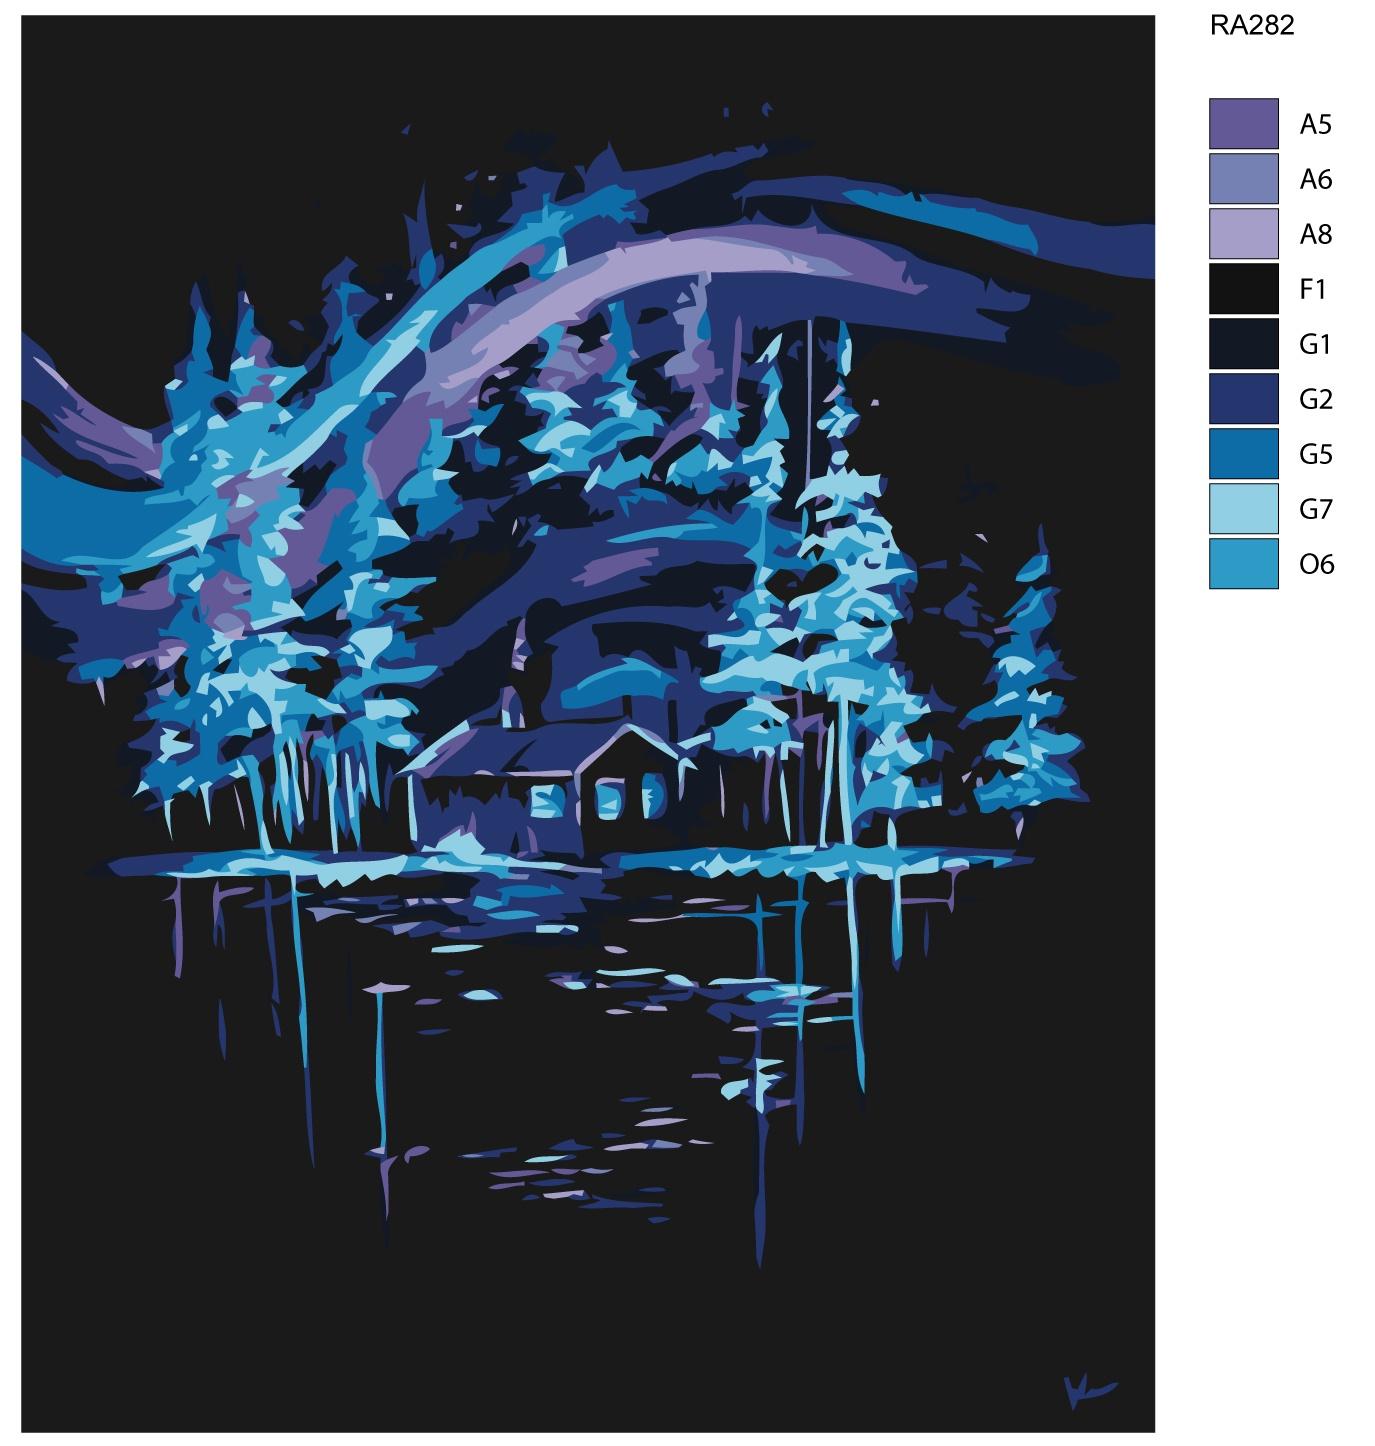 Картина по номерам, 80 x 100 см, RA282